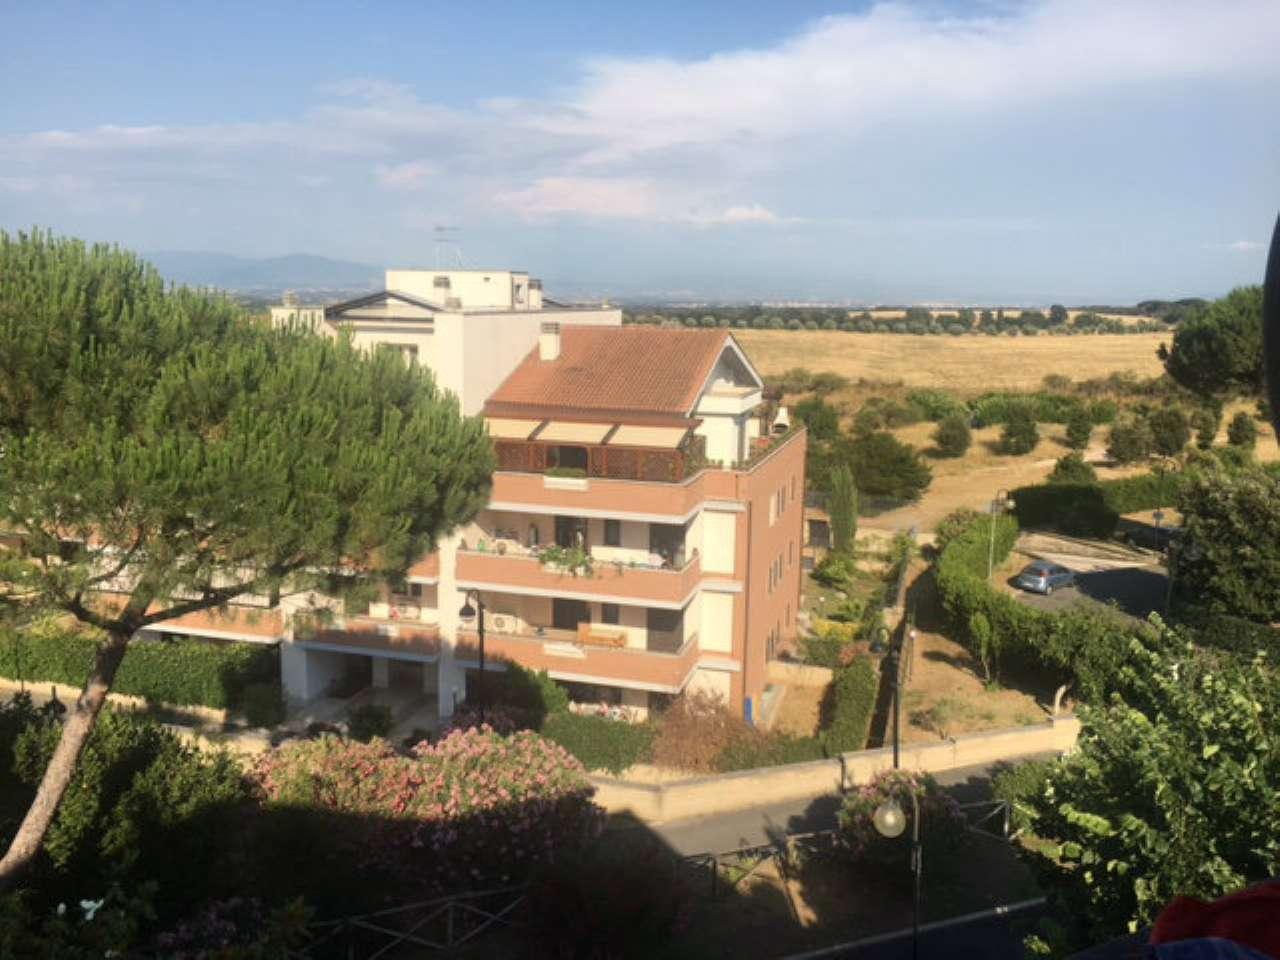 Appartamento in vendita a Roma, 4 locali, zona Zona: 42 . Cassia - Olgiata, prezzo € 449.000 | CambioCasa.it